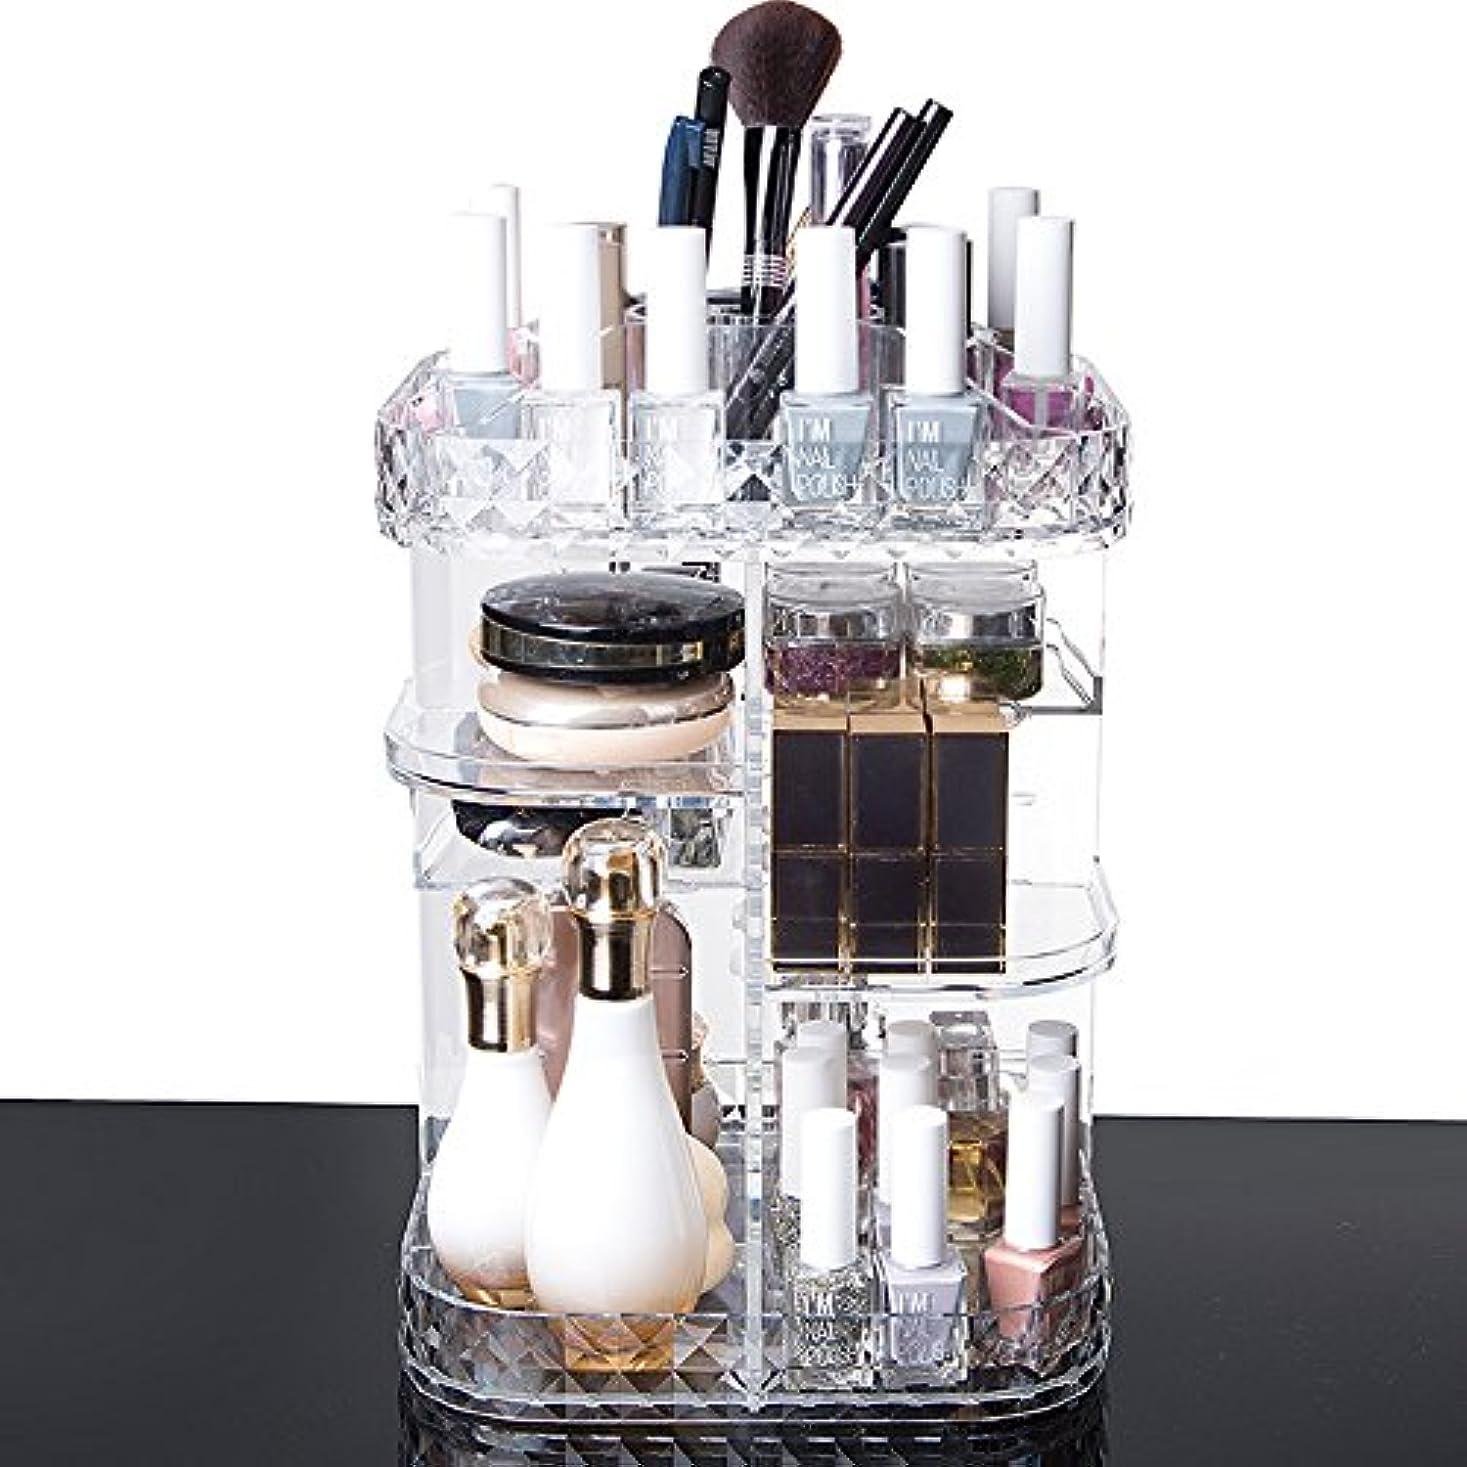 最悪多年生私の化粧品収納ボックス メイクケース メイクボックス 化粧品入れ コスメ収納スタンド (360度回転式)